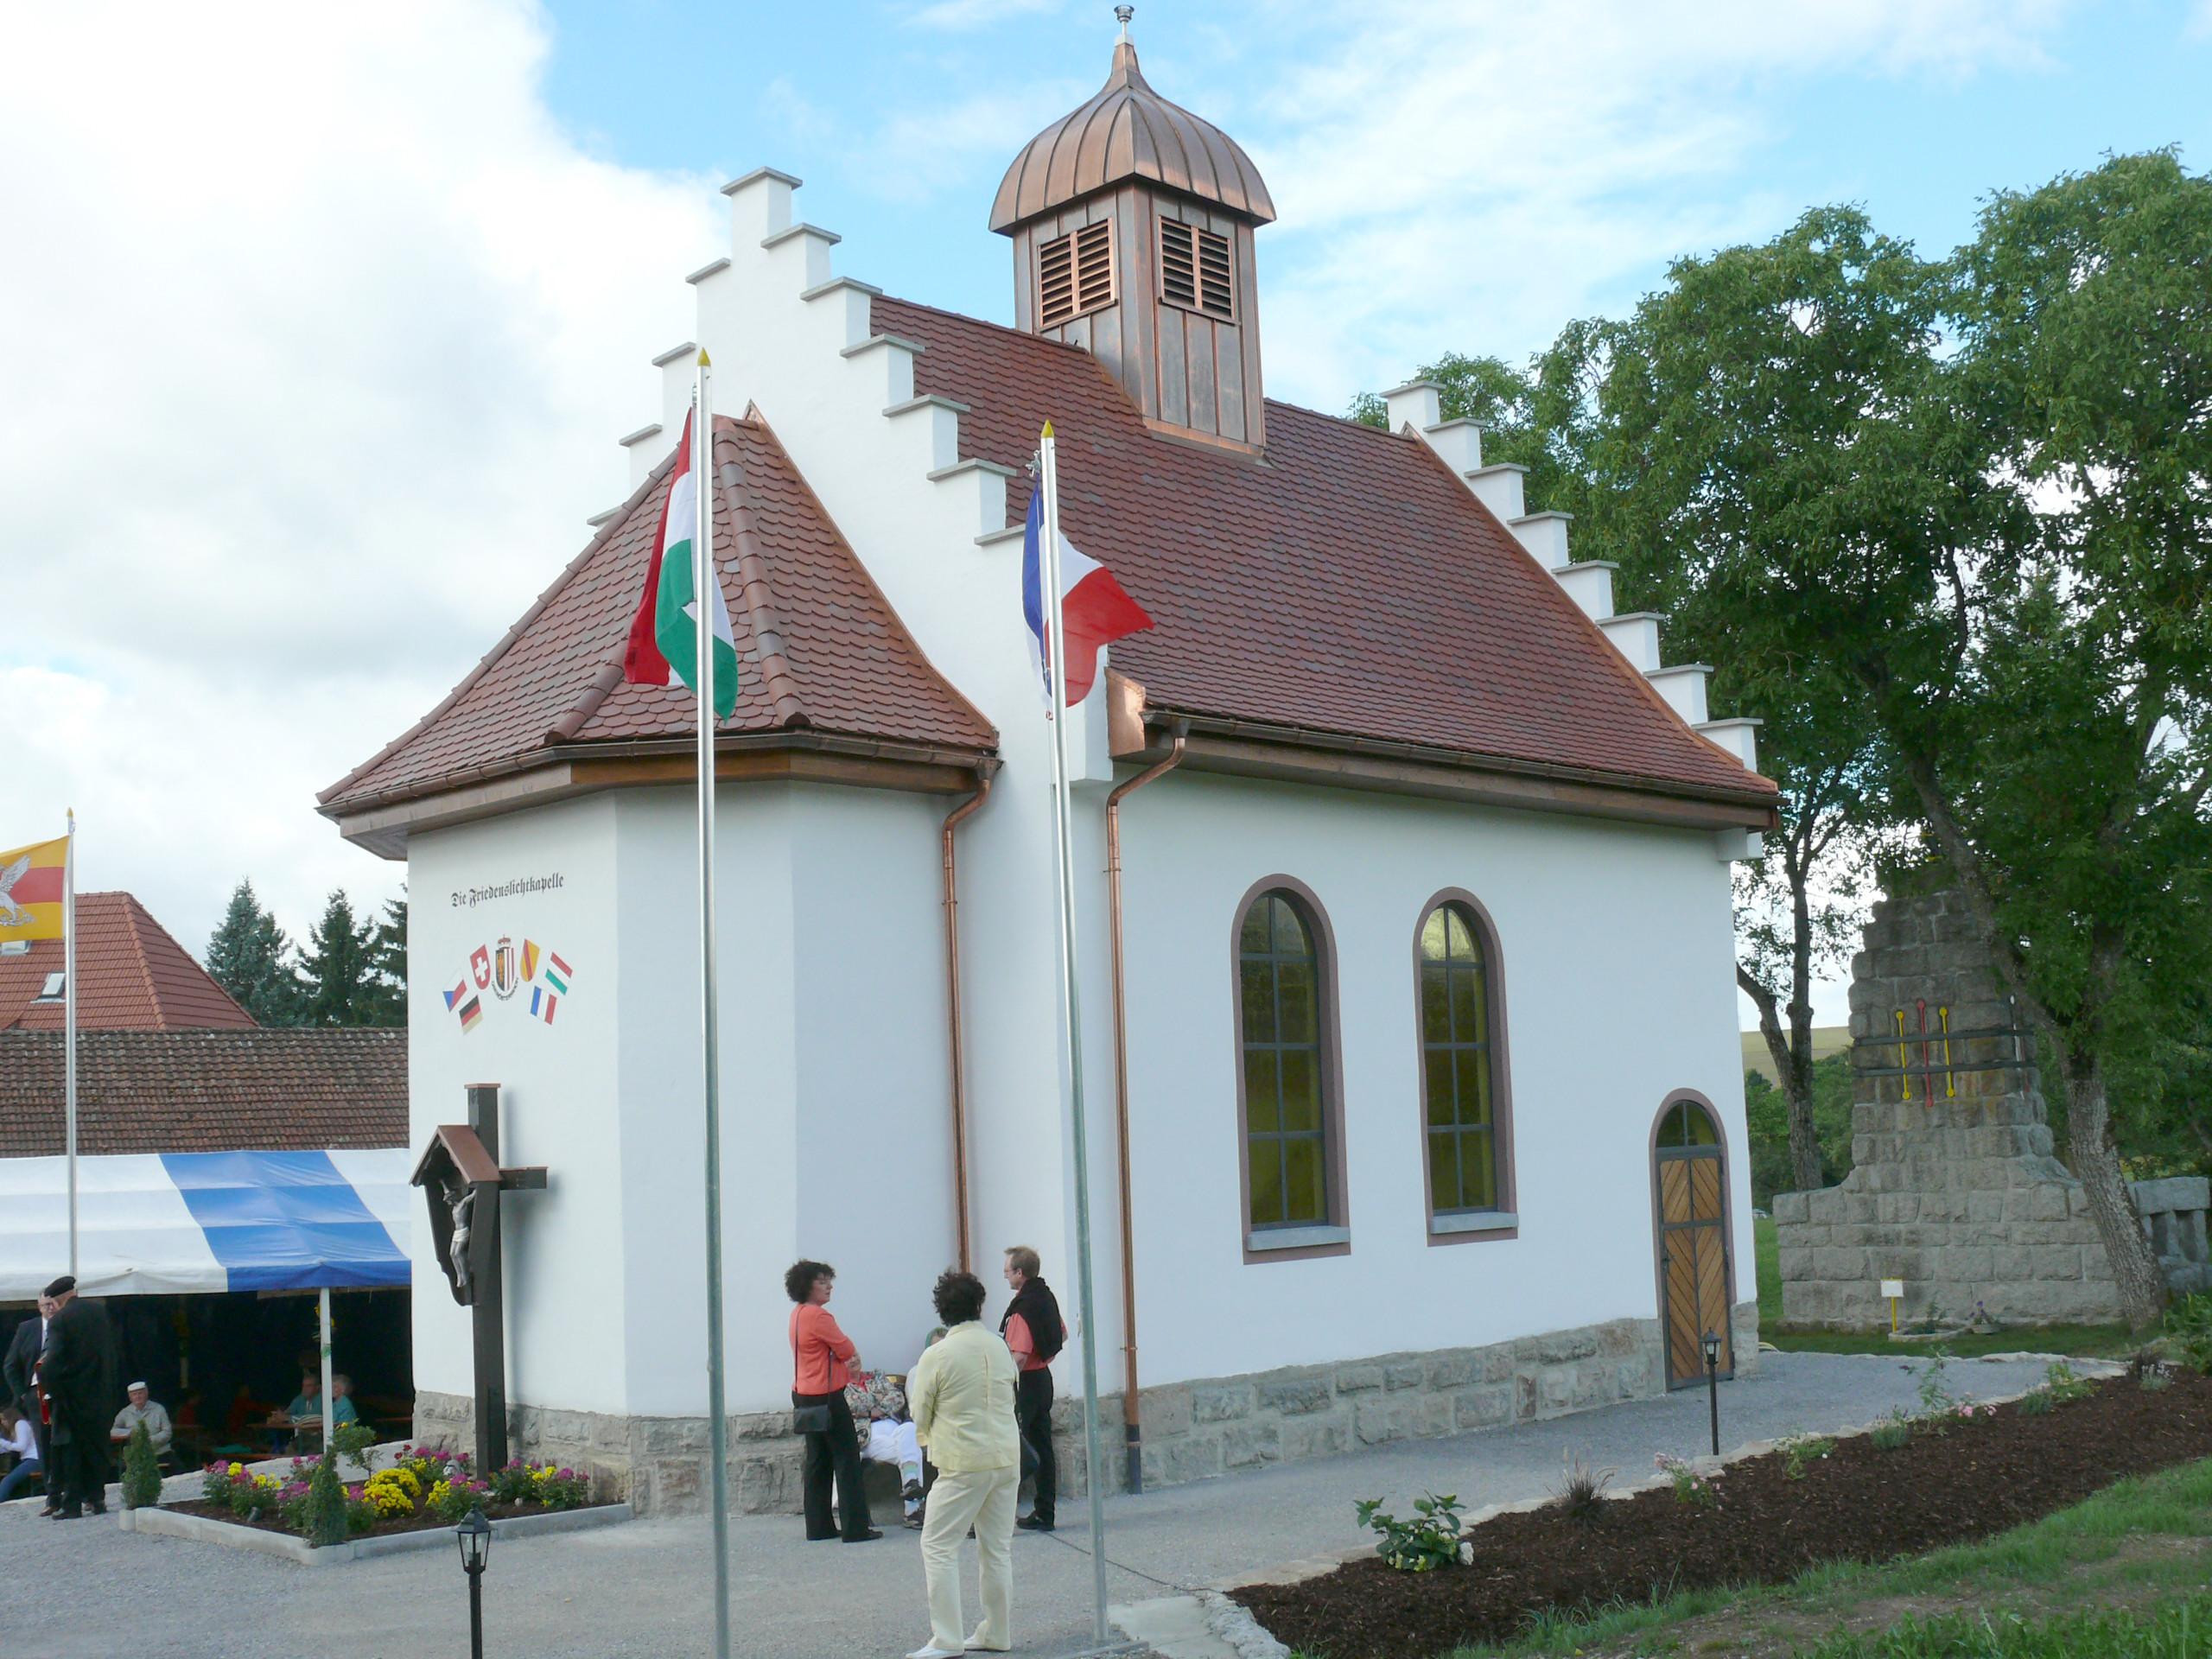 Friedenslichtkapelle